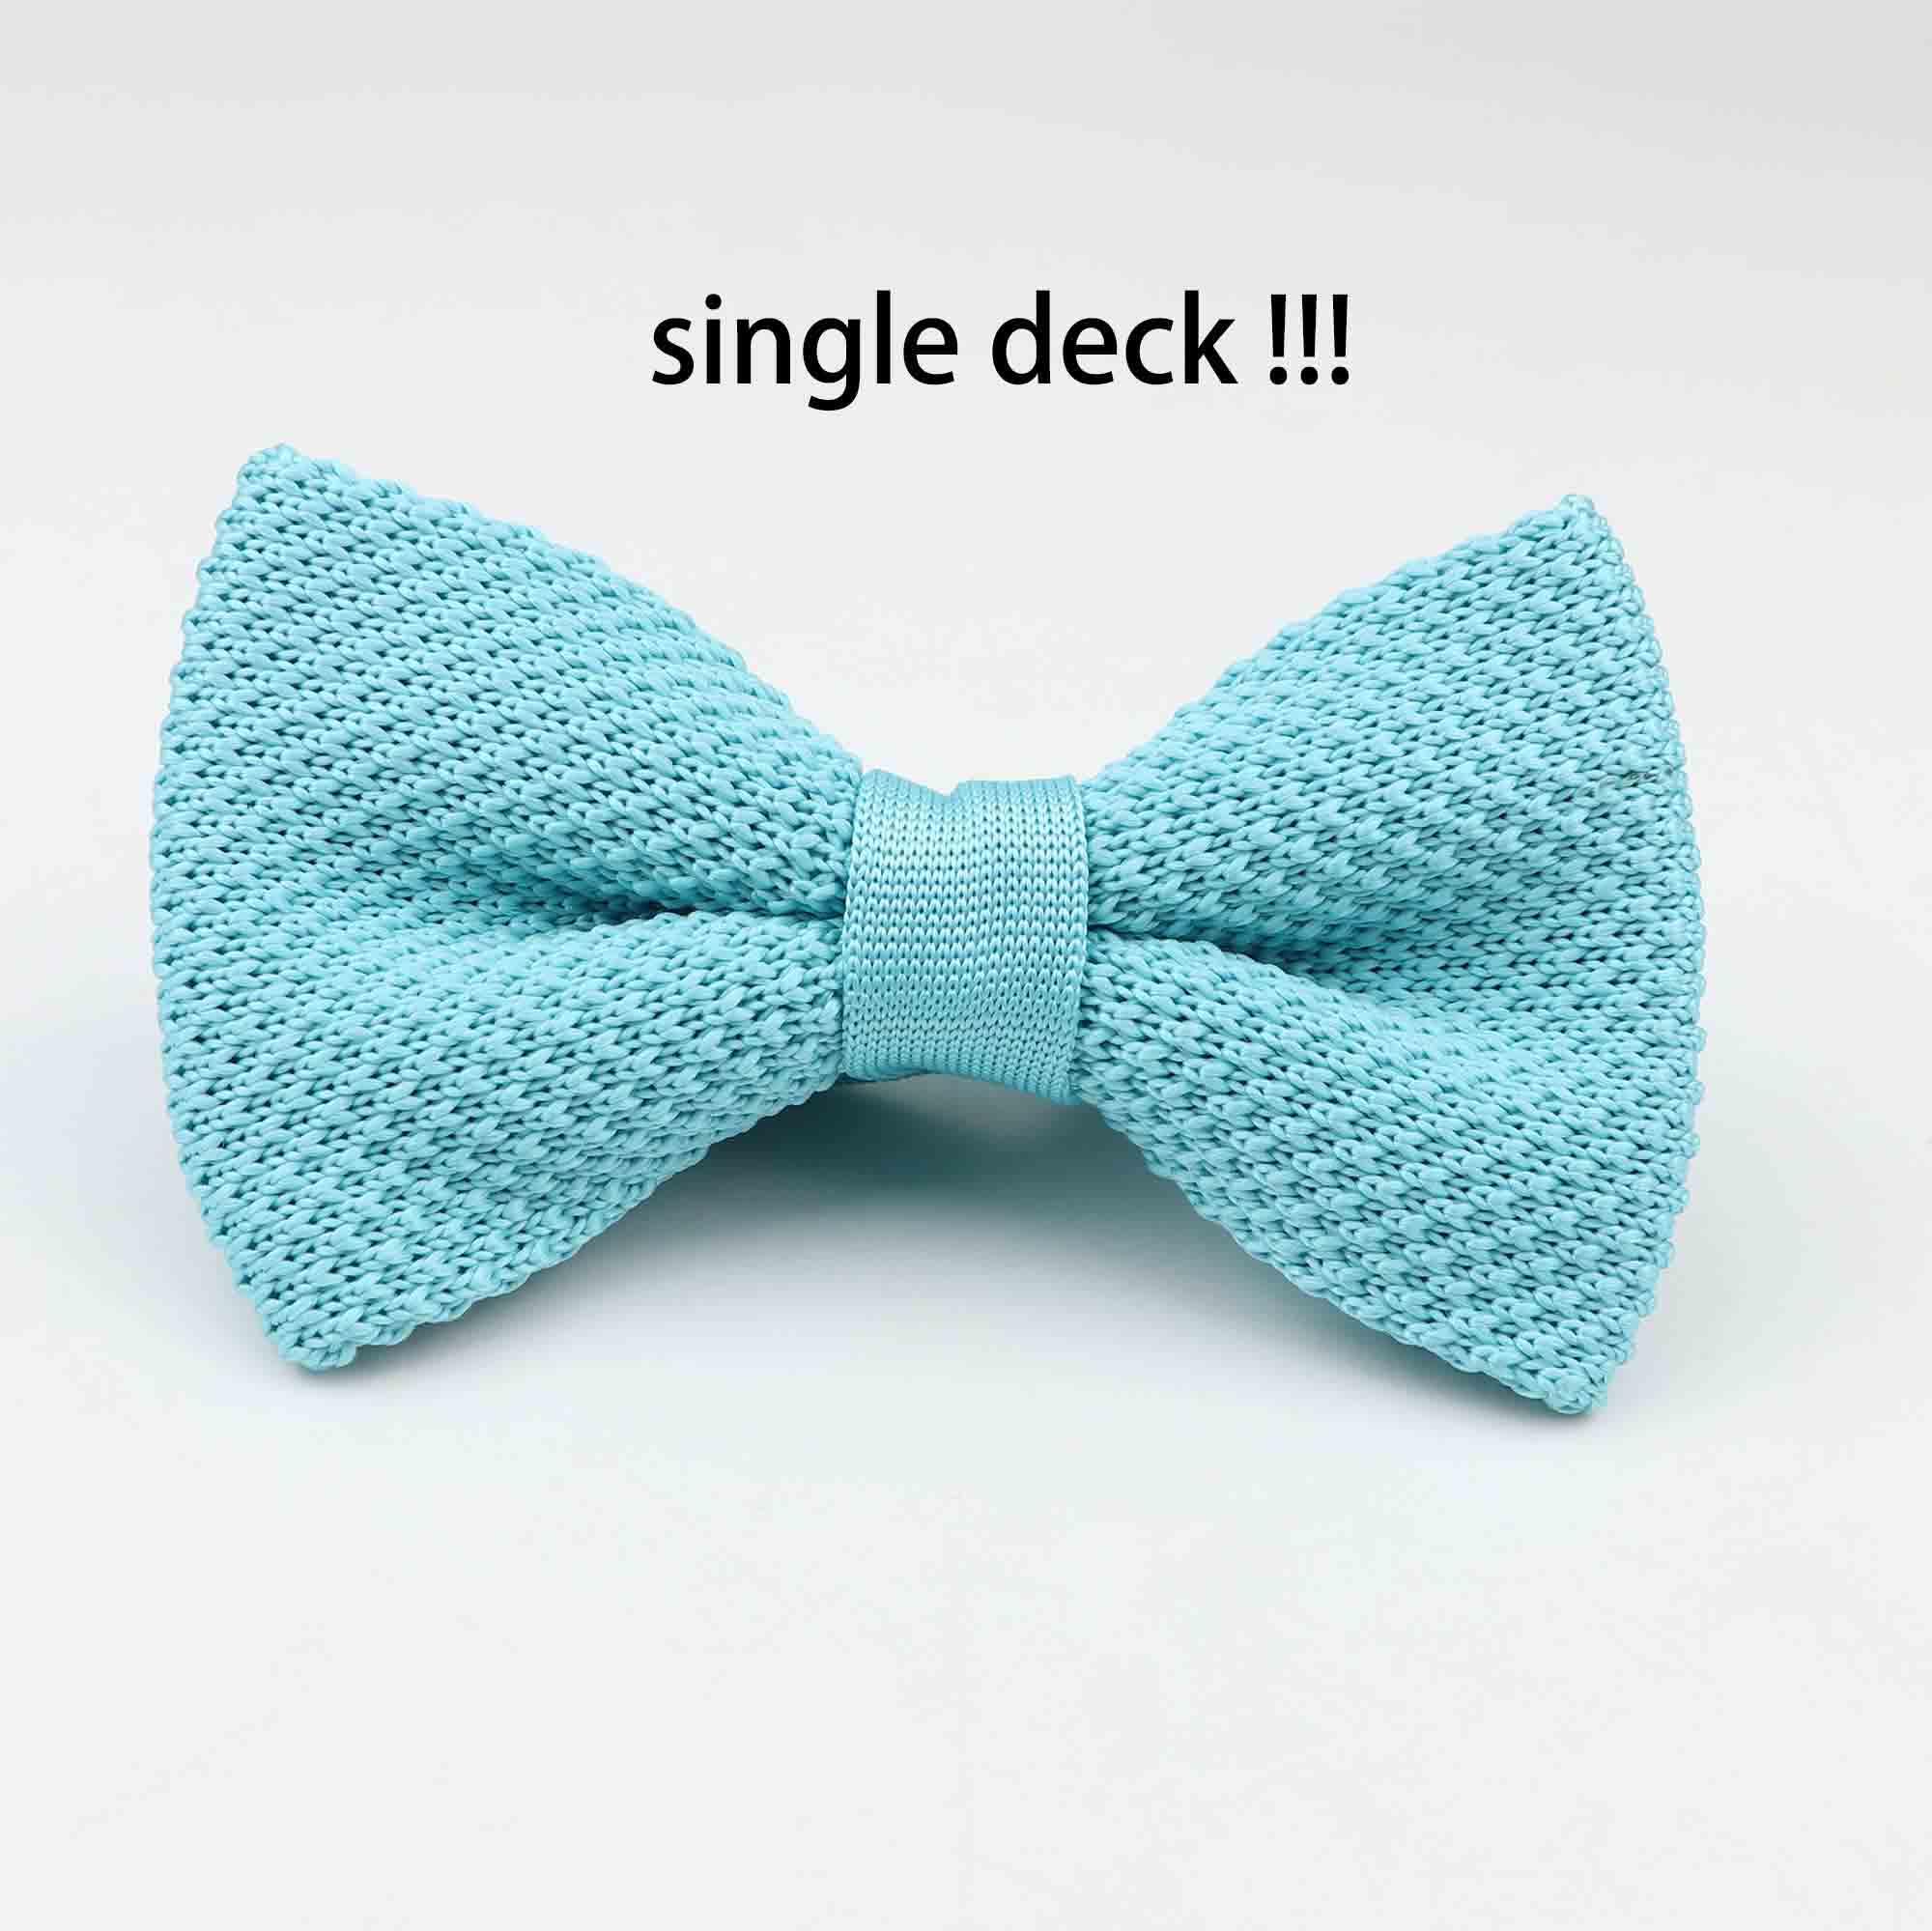 Мужские галстуки для шеи, смокинг, вязаная бабочка, Одноцветный галстук-бабочка, толстый двухслойный предварительно завязанный Регулируемый вязаный Повседневный галстук - Цвет: 16